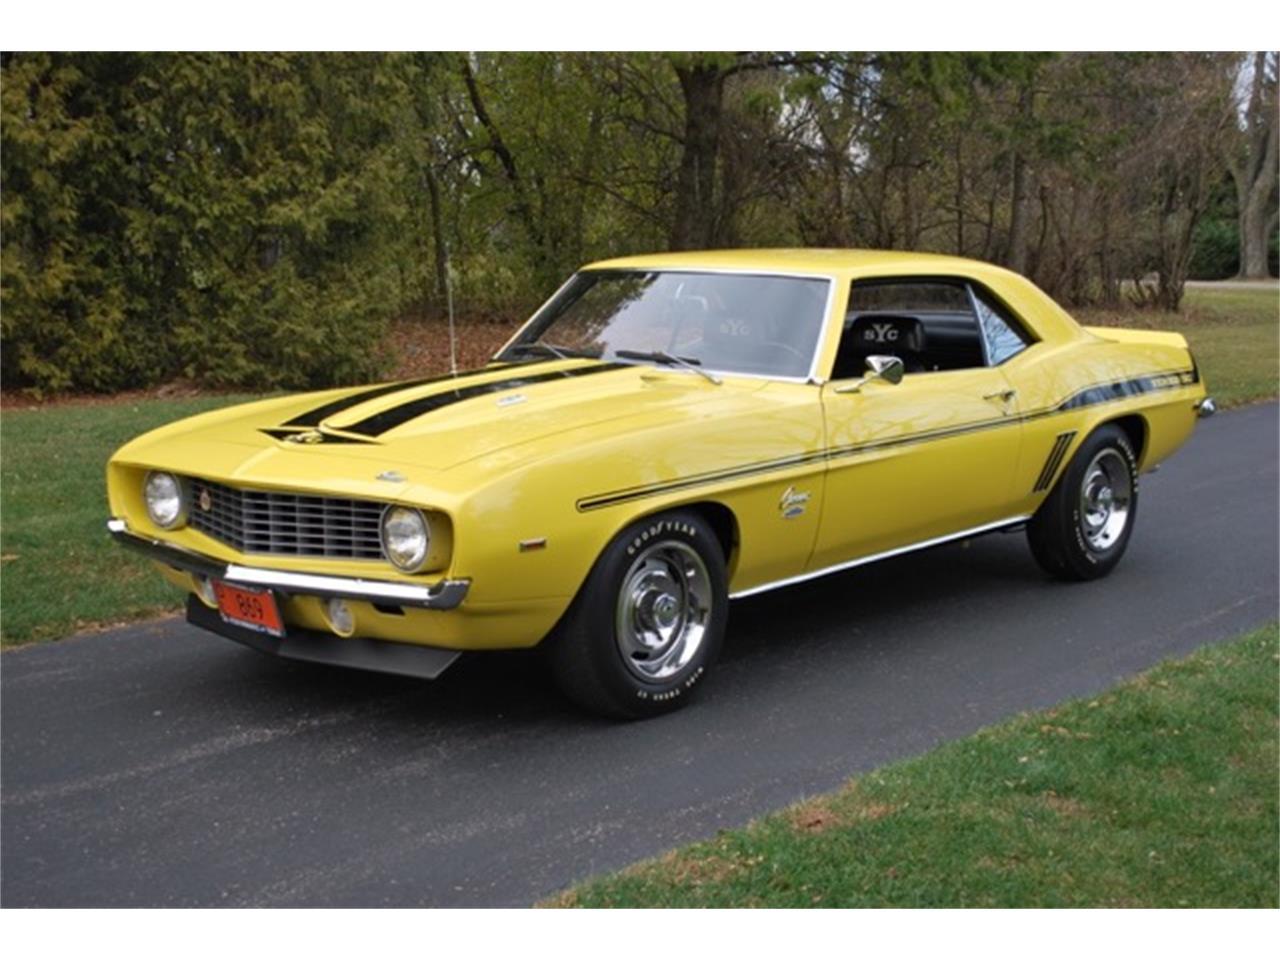 Yenko Camaro For Sale >> For Sale 1969 Chevrolet Camaro Copo Yenko In Lincolnshire Illinois